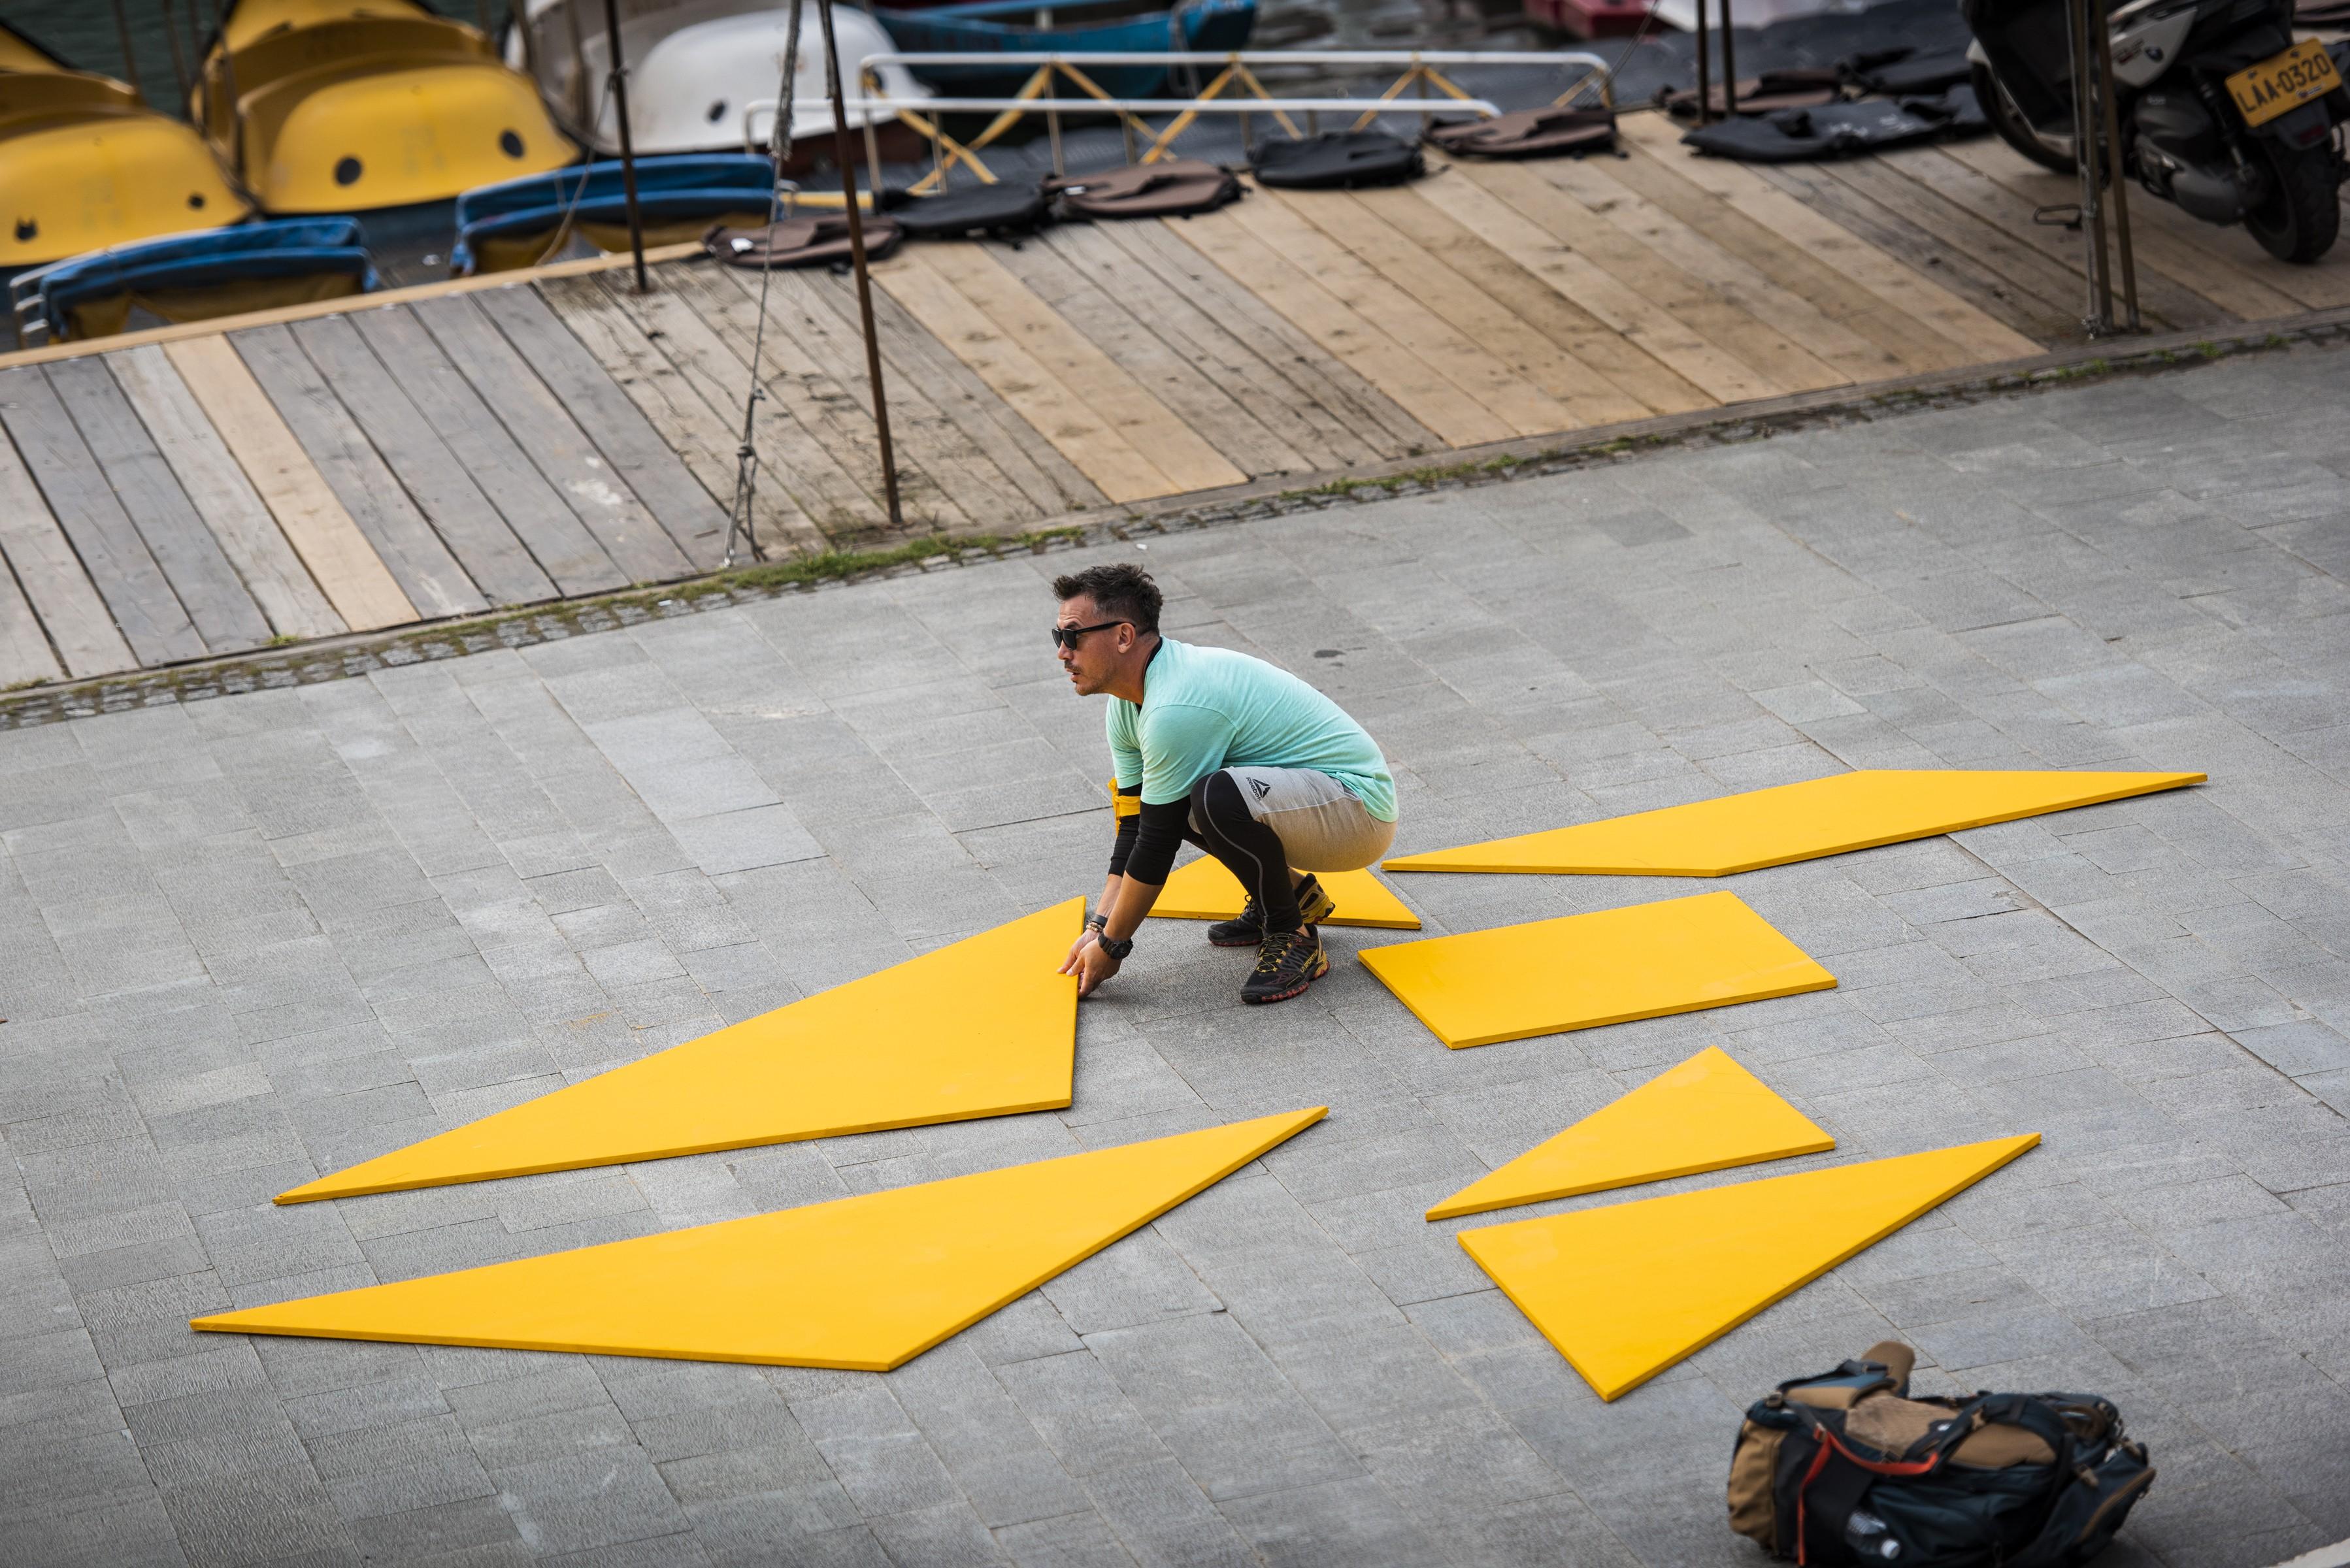 Rezolvarea unui puzzle i-a pus în dificultate pe finaliştii din Asia Express